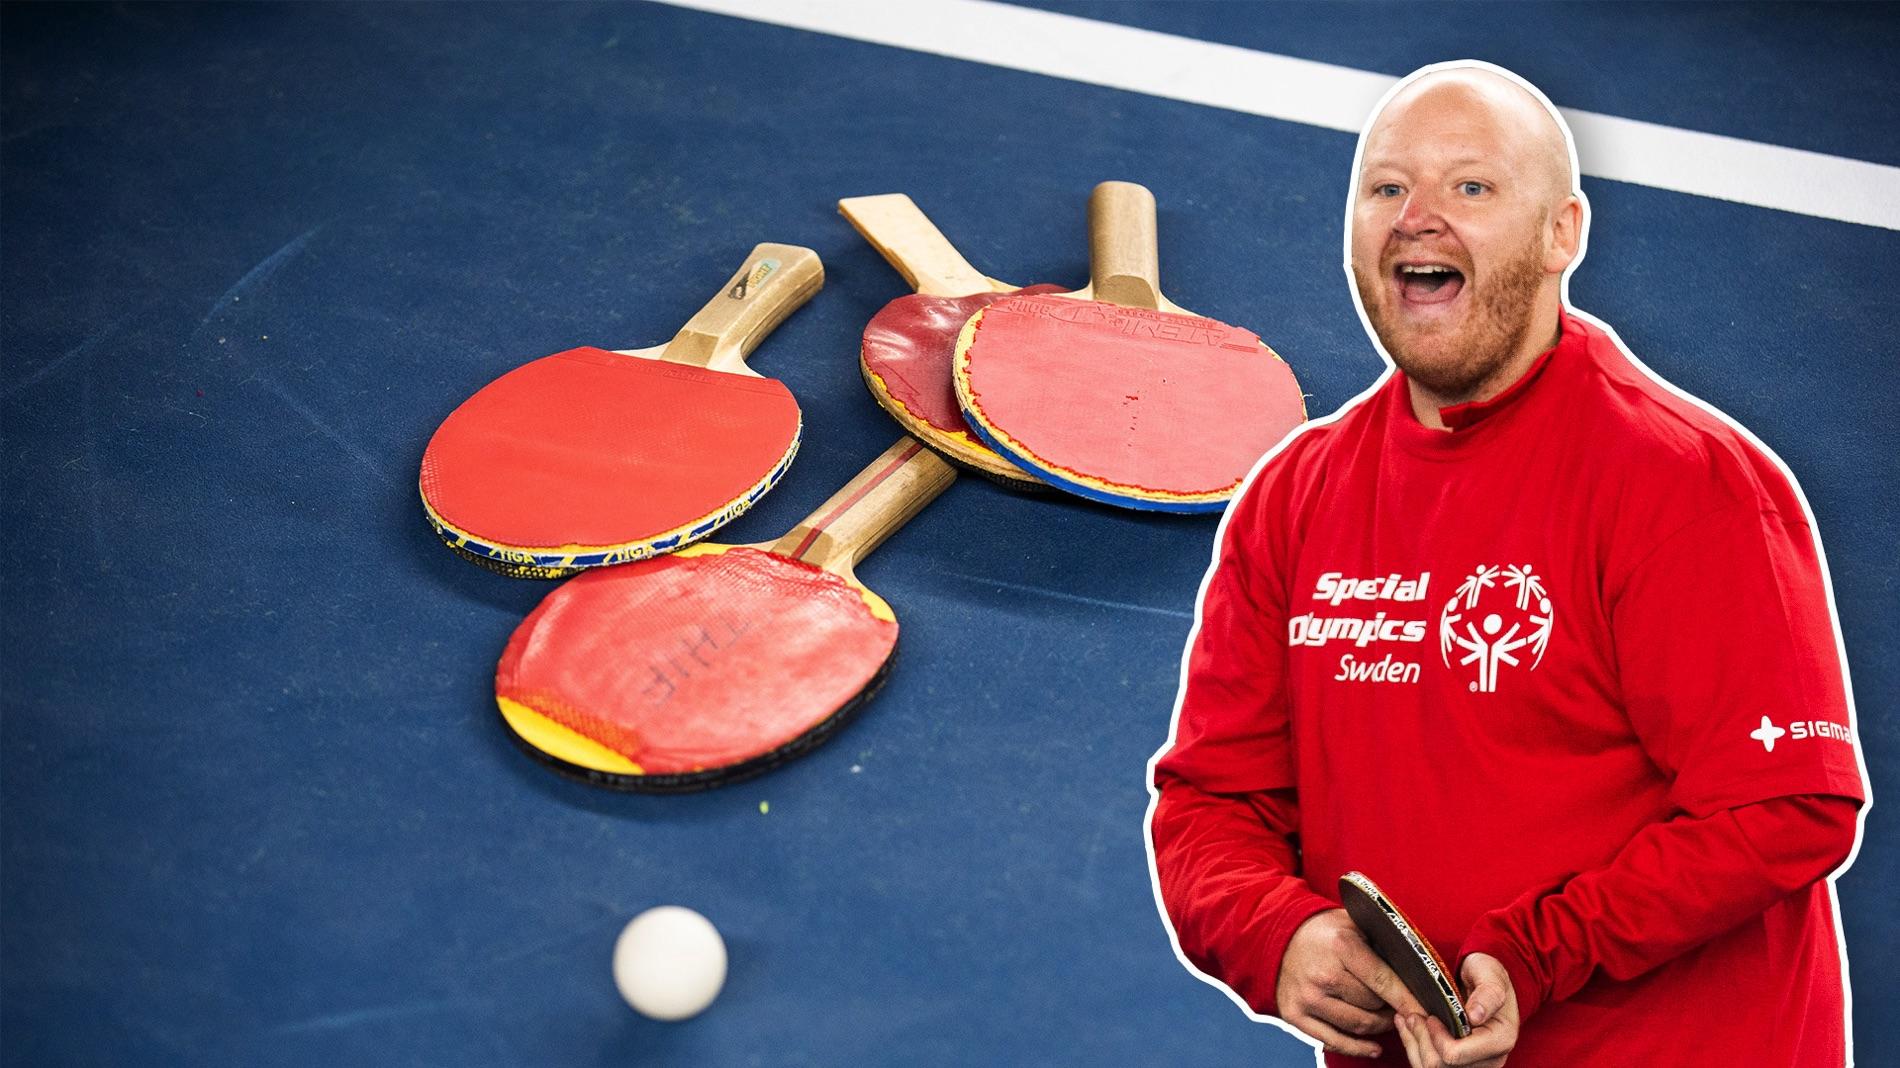 I bildmontaget syns den frilagda bordtennisledaren Christoffer Pettersson med ett rack i handen. Bakom honom syns en bild på fyra rack och en boll på ett bordtennisbord.